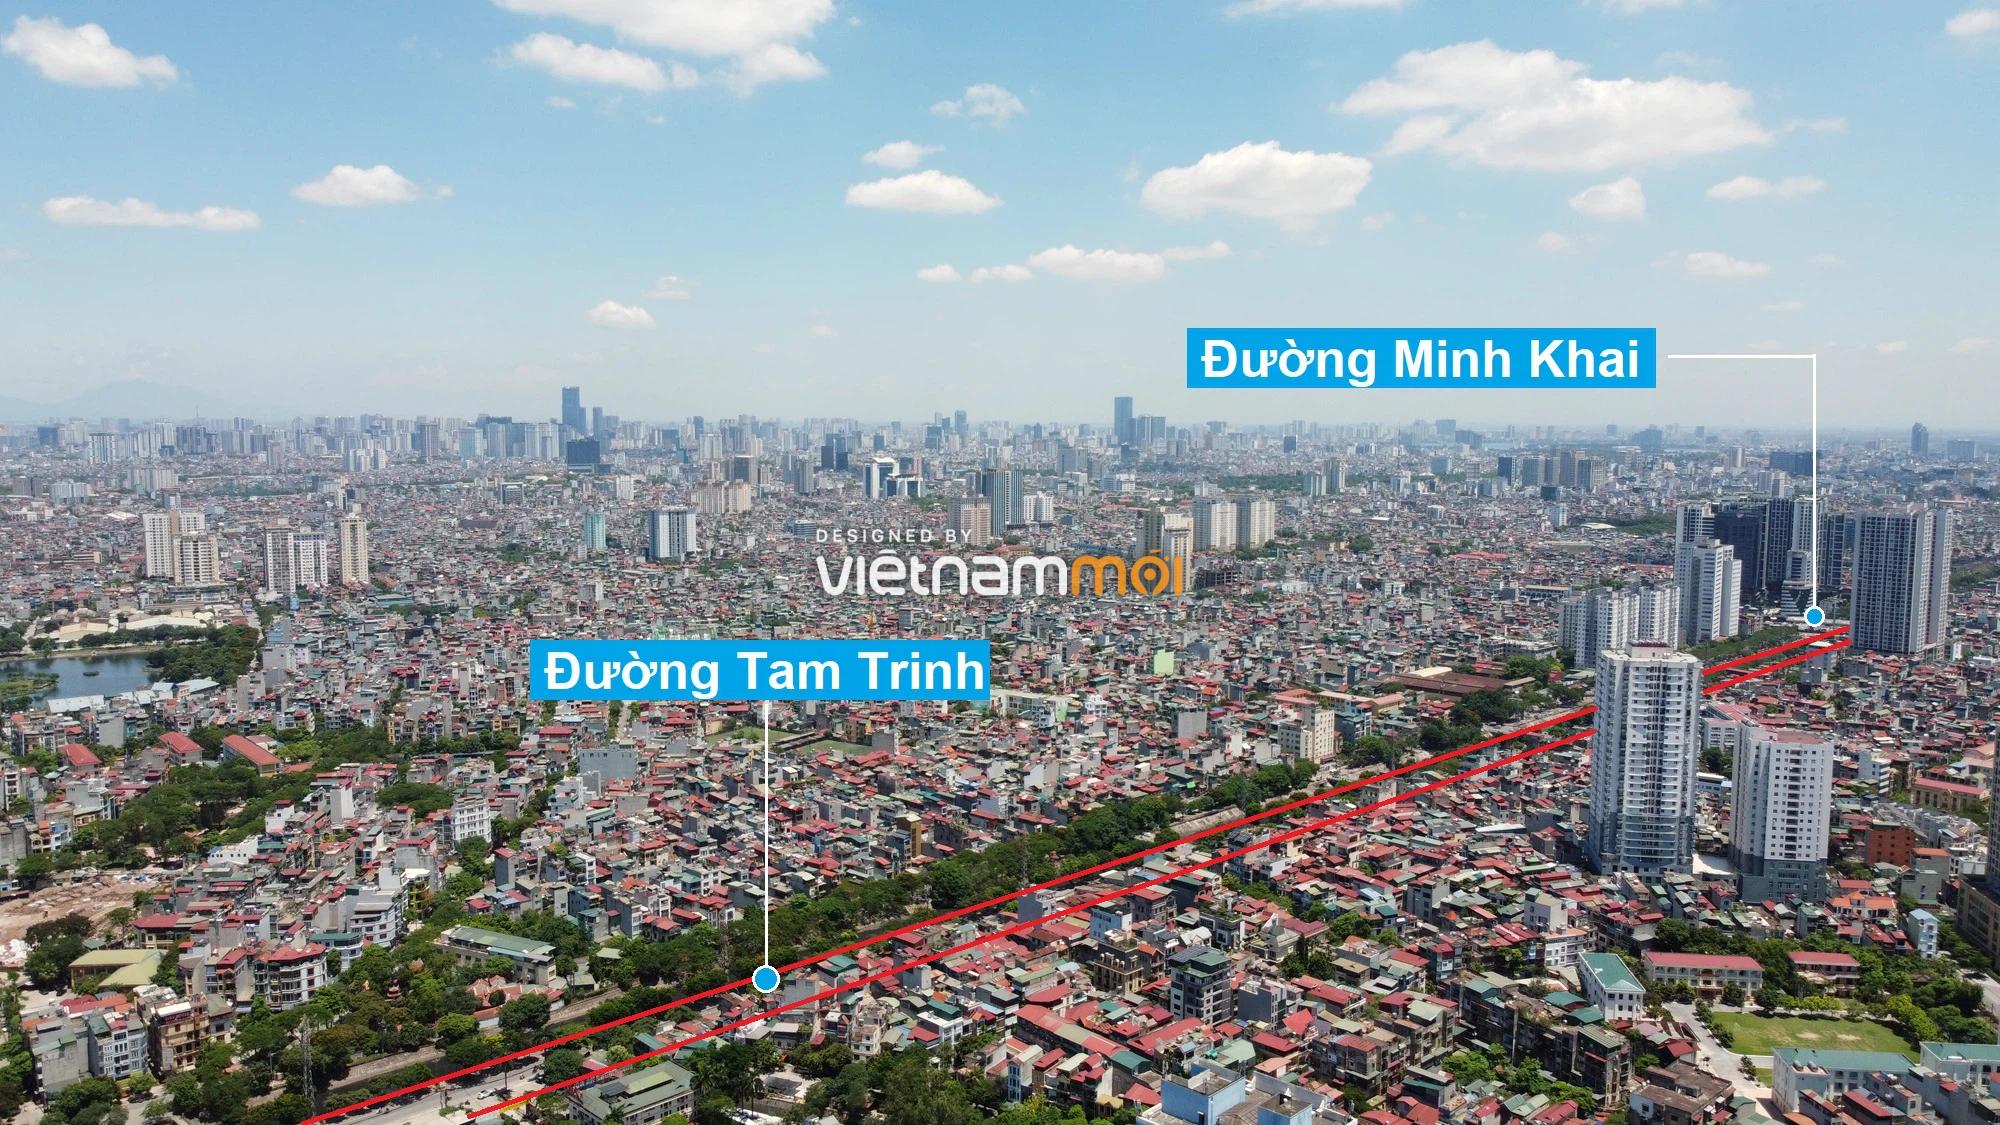 Những khu đất sắp thu hồi để mở đường ở quận Hoàng Mai, Hà Nội (phần 3) - Ảnh 7.